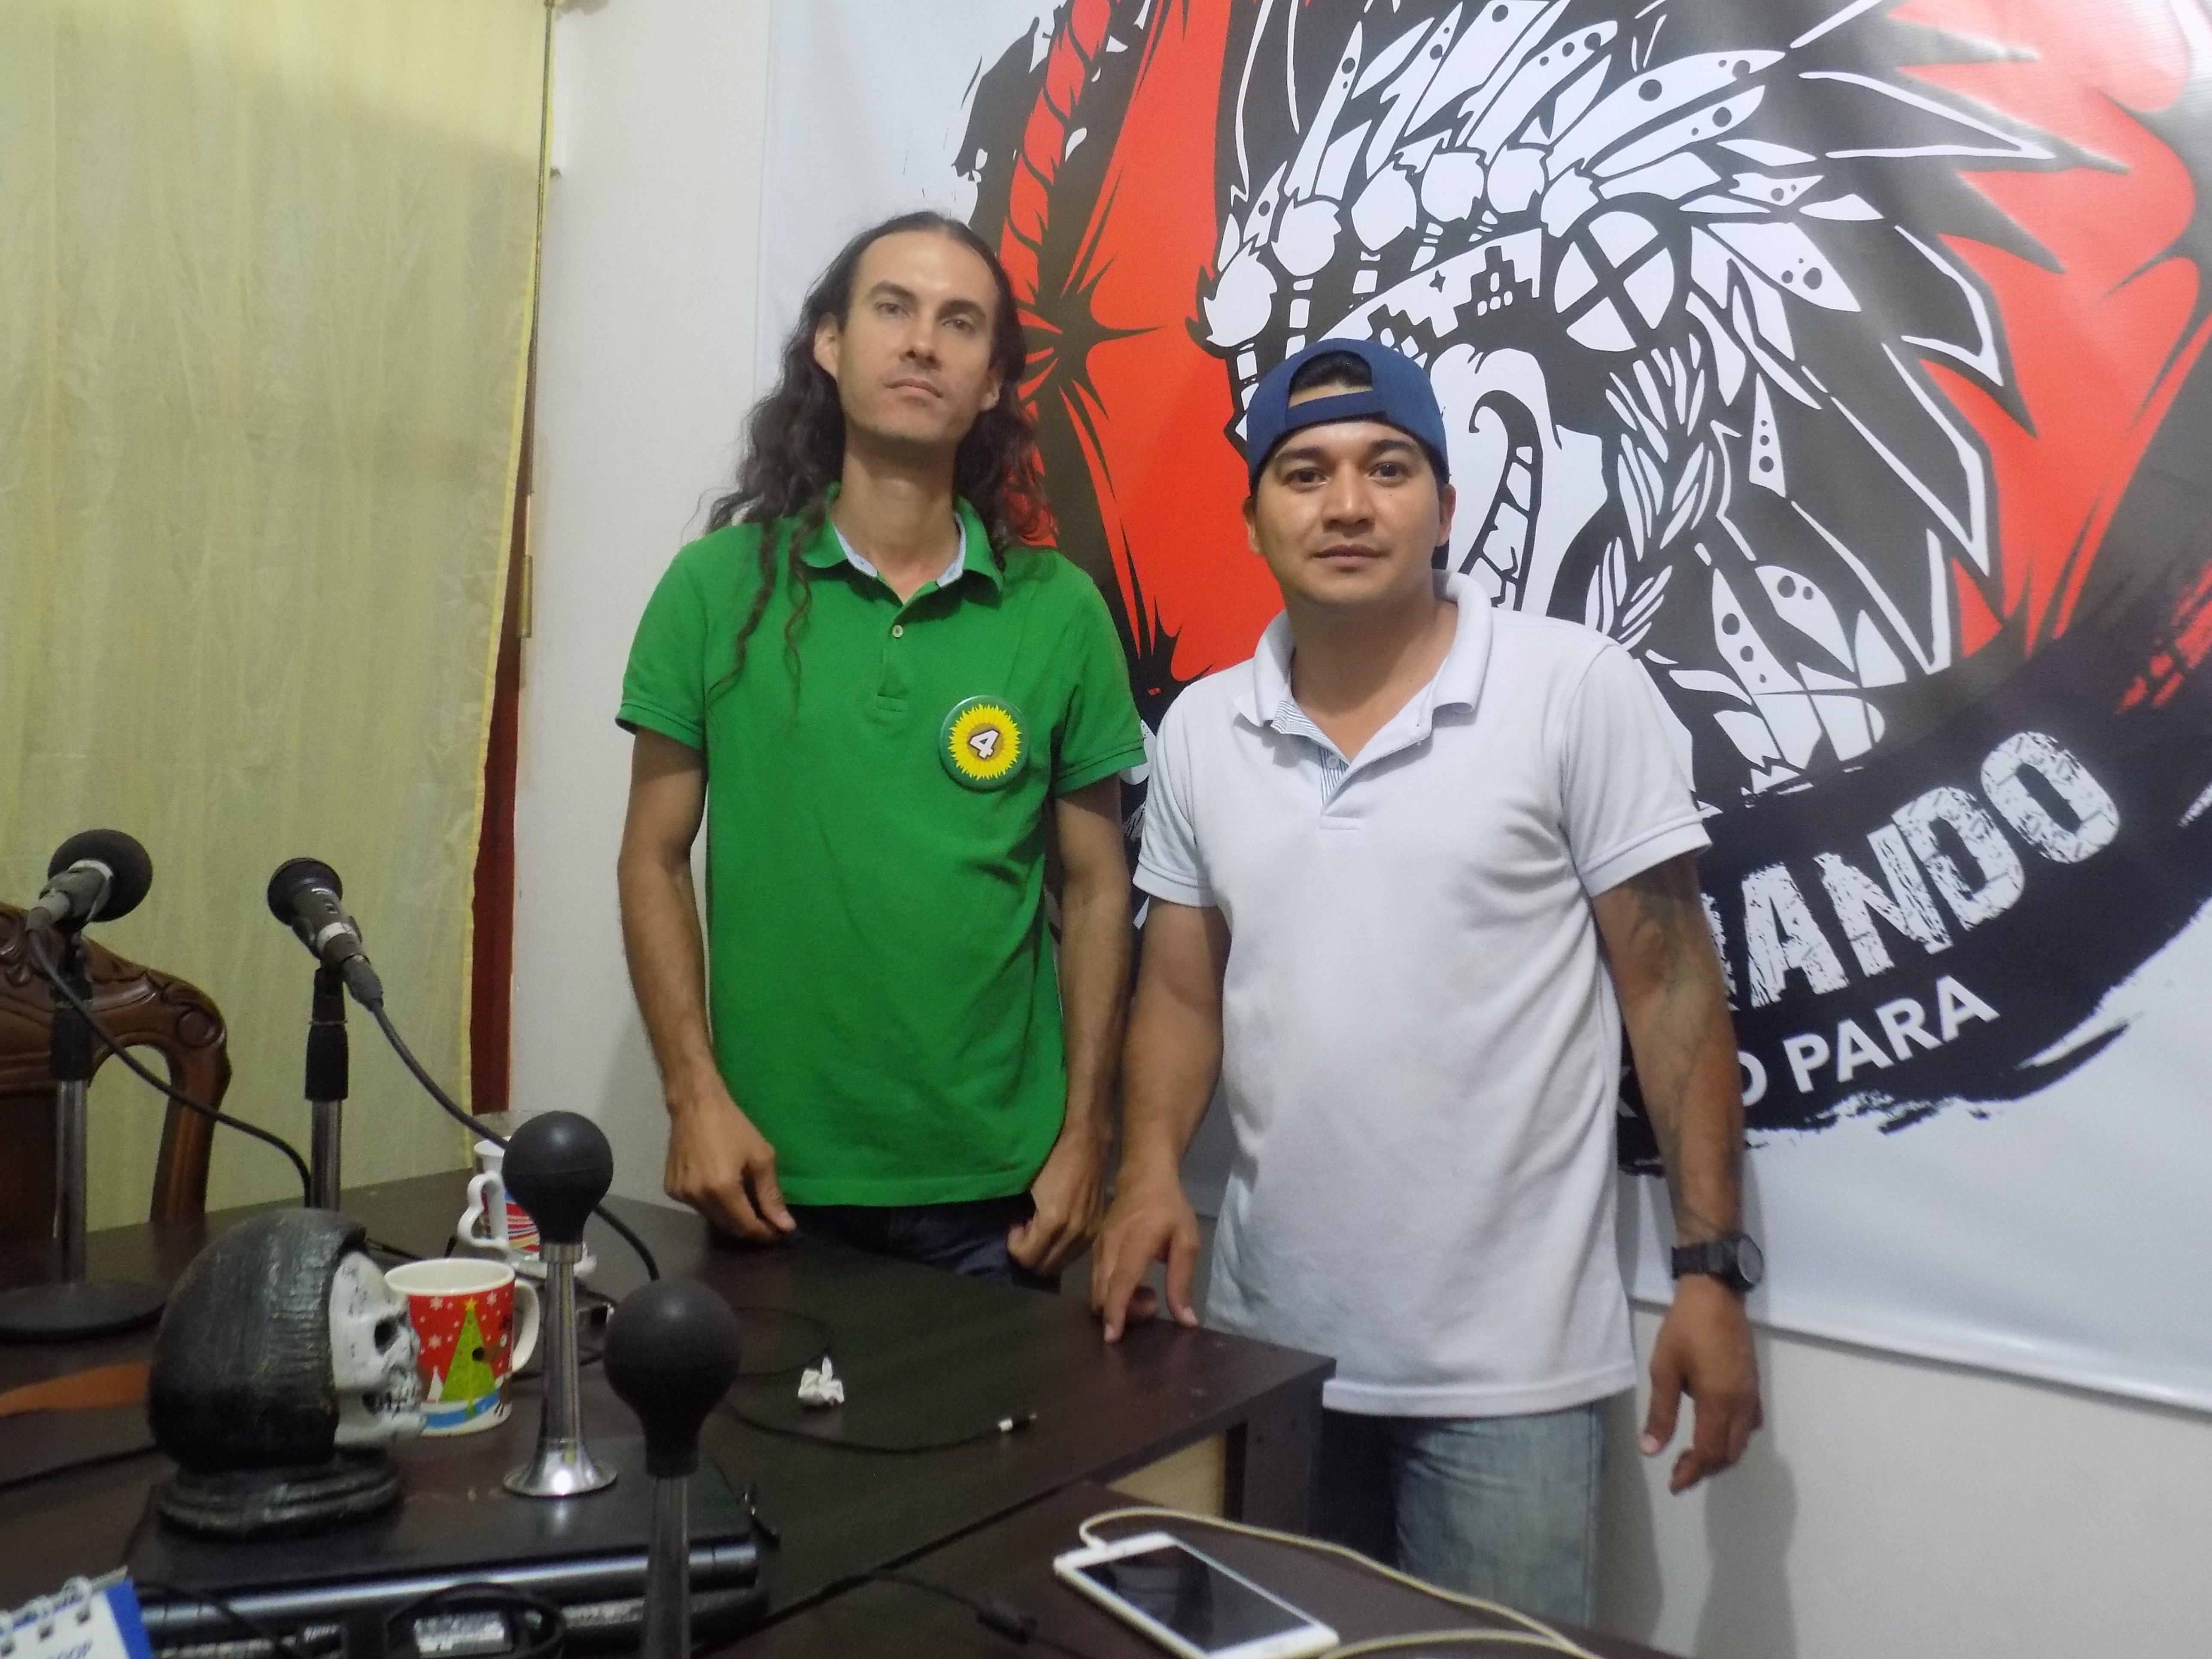 ENTREVISTA EN PACHICHANIANDO CON DAVIS TRAVIS Y TERRY HURTADO - DSCN0026